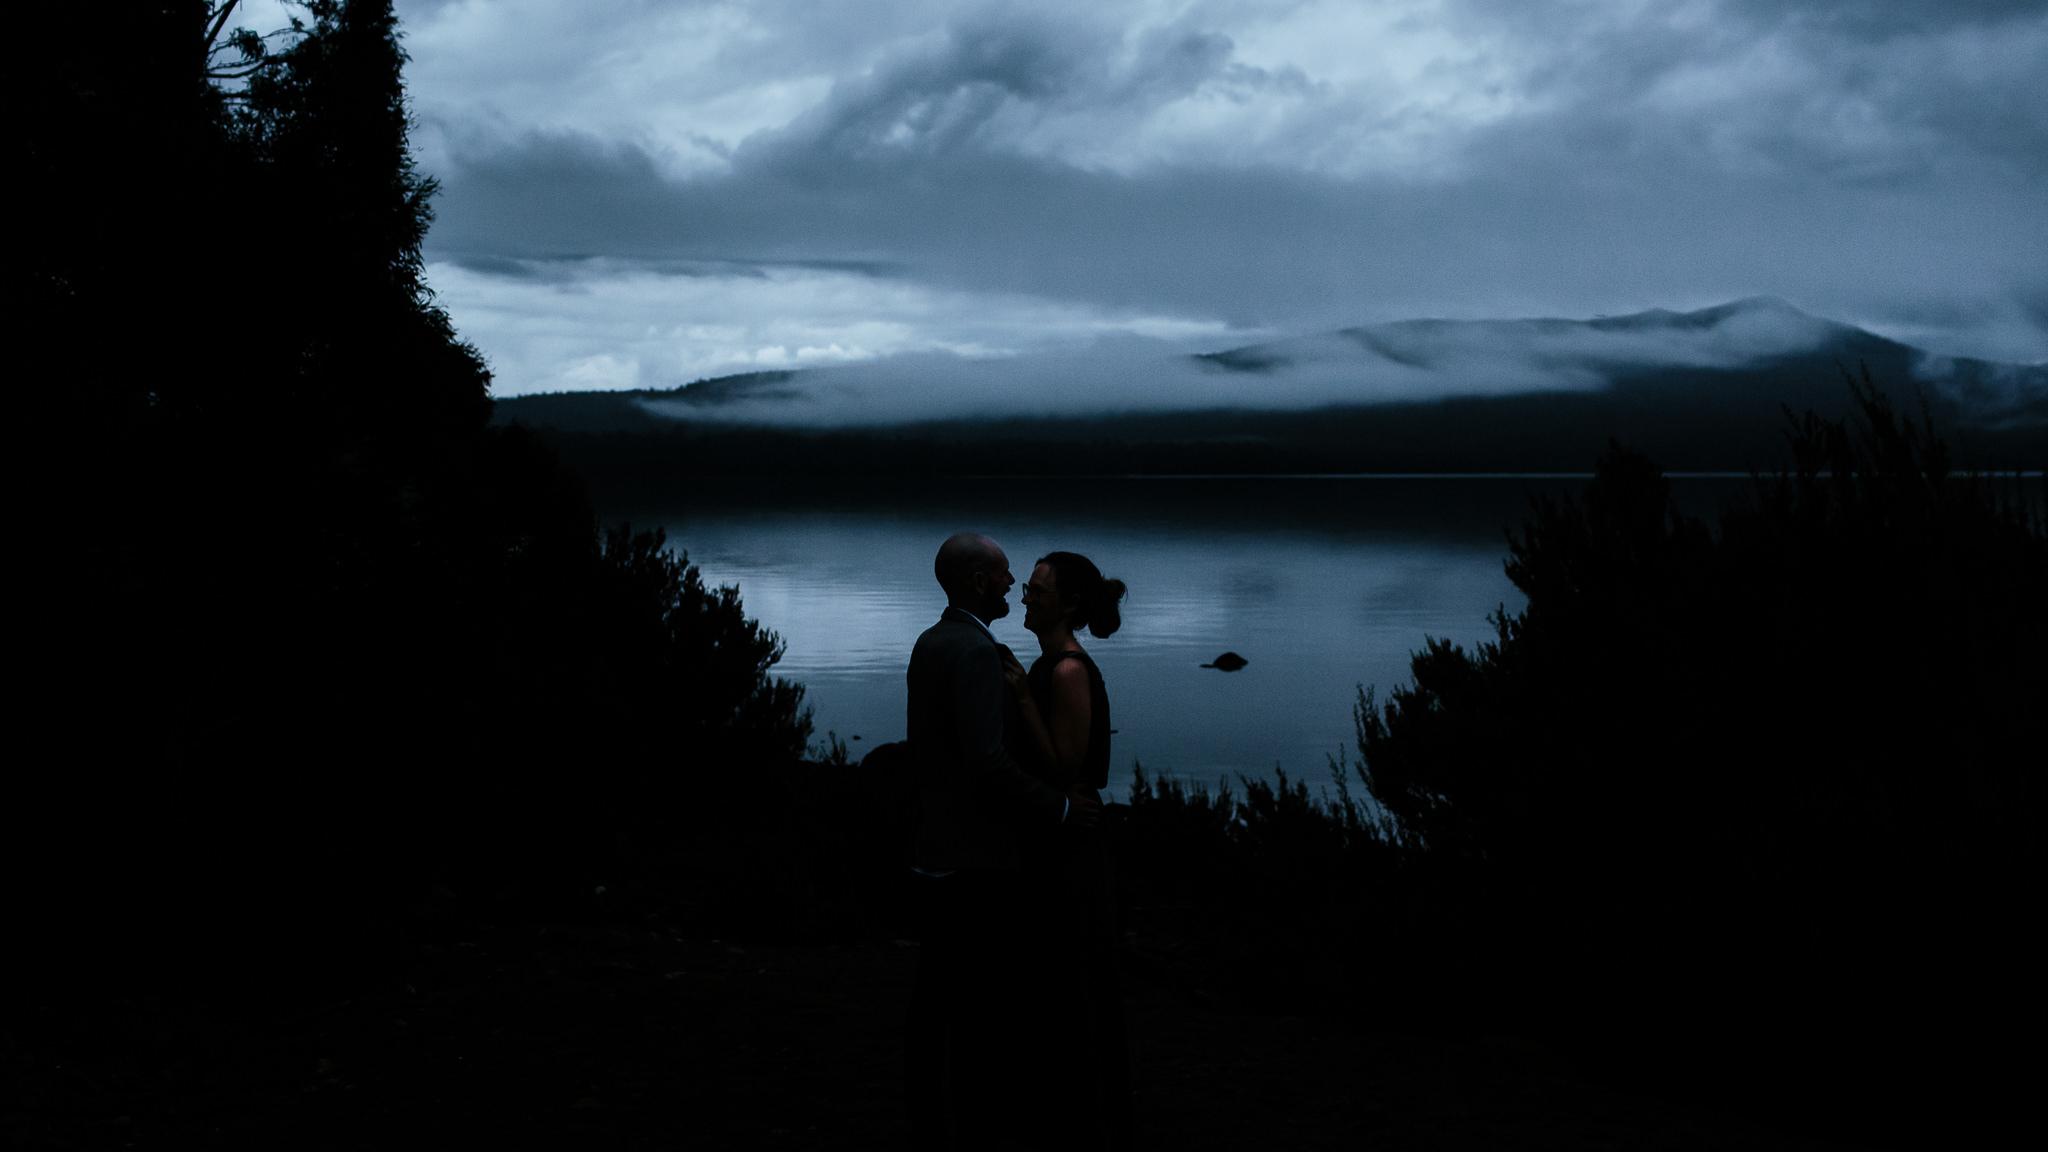 Pumphouse_Point_wedding_photography_elopement579.JPG